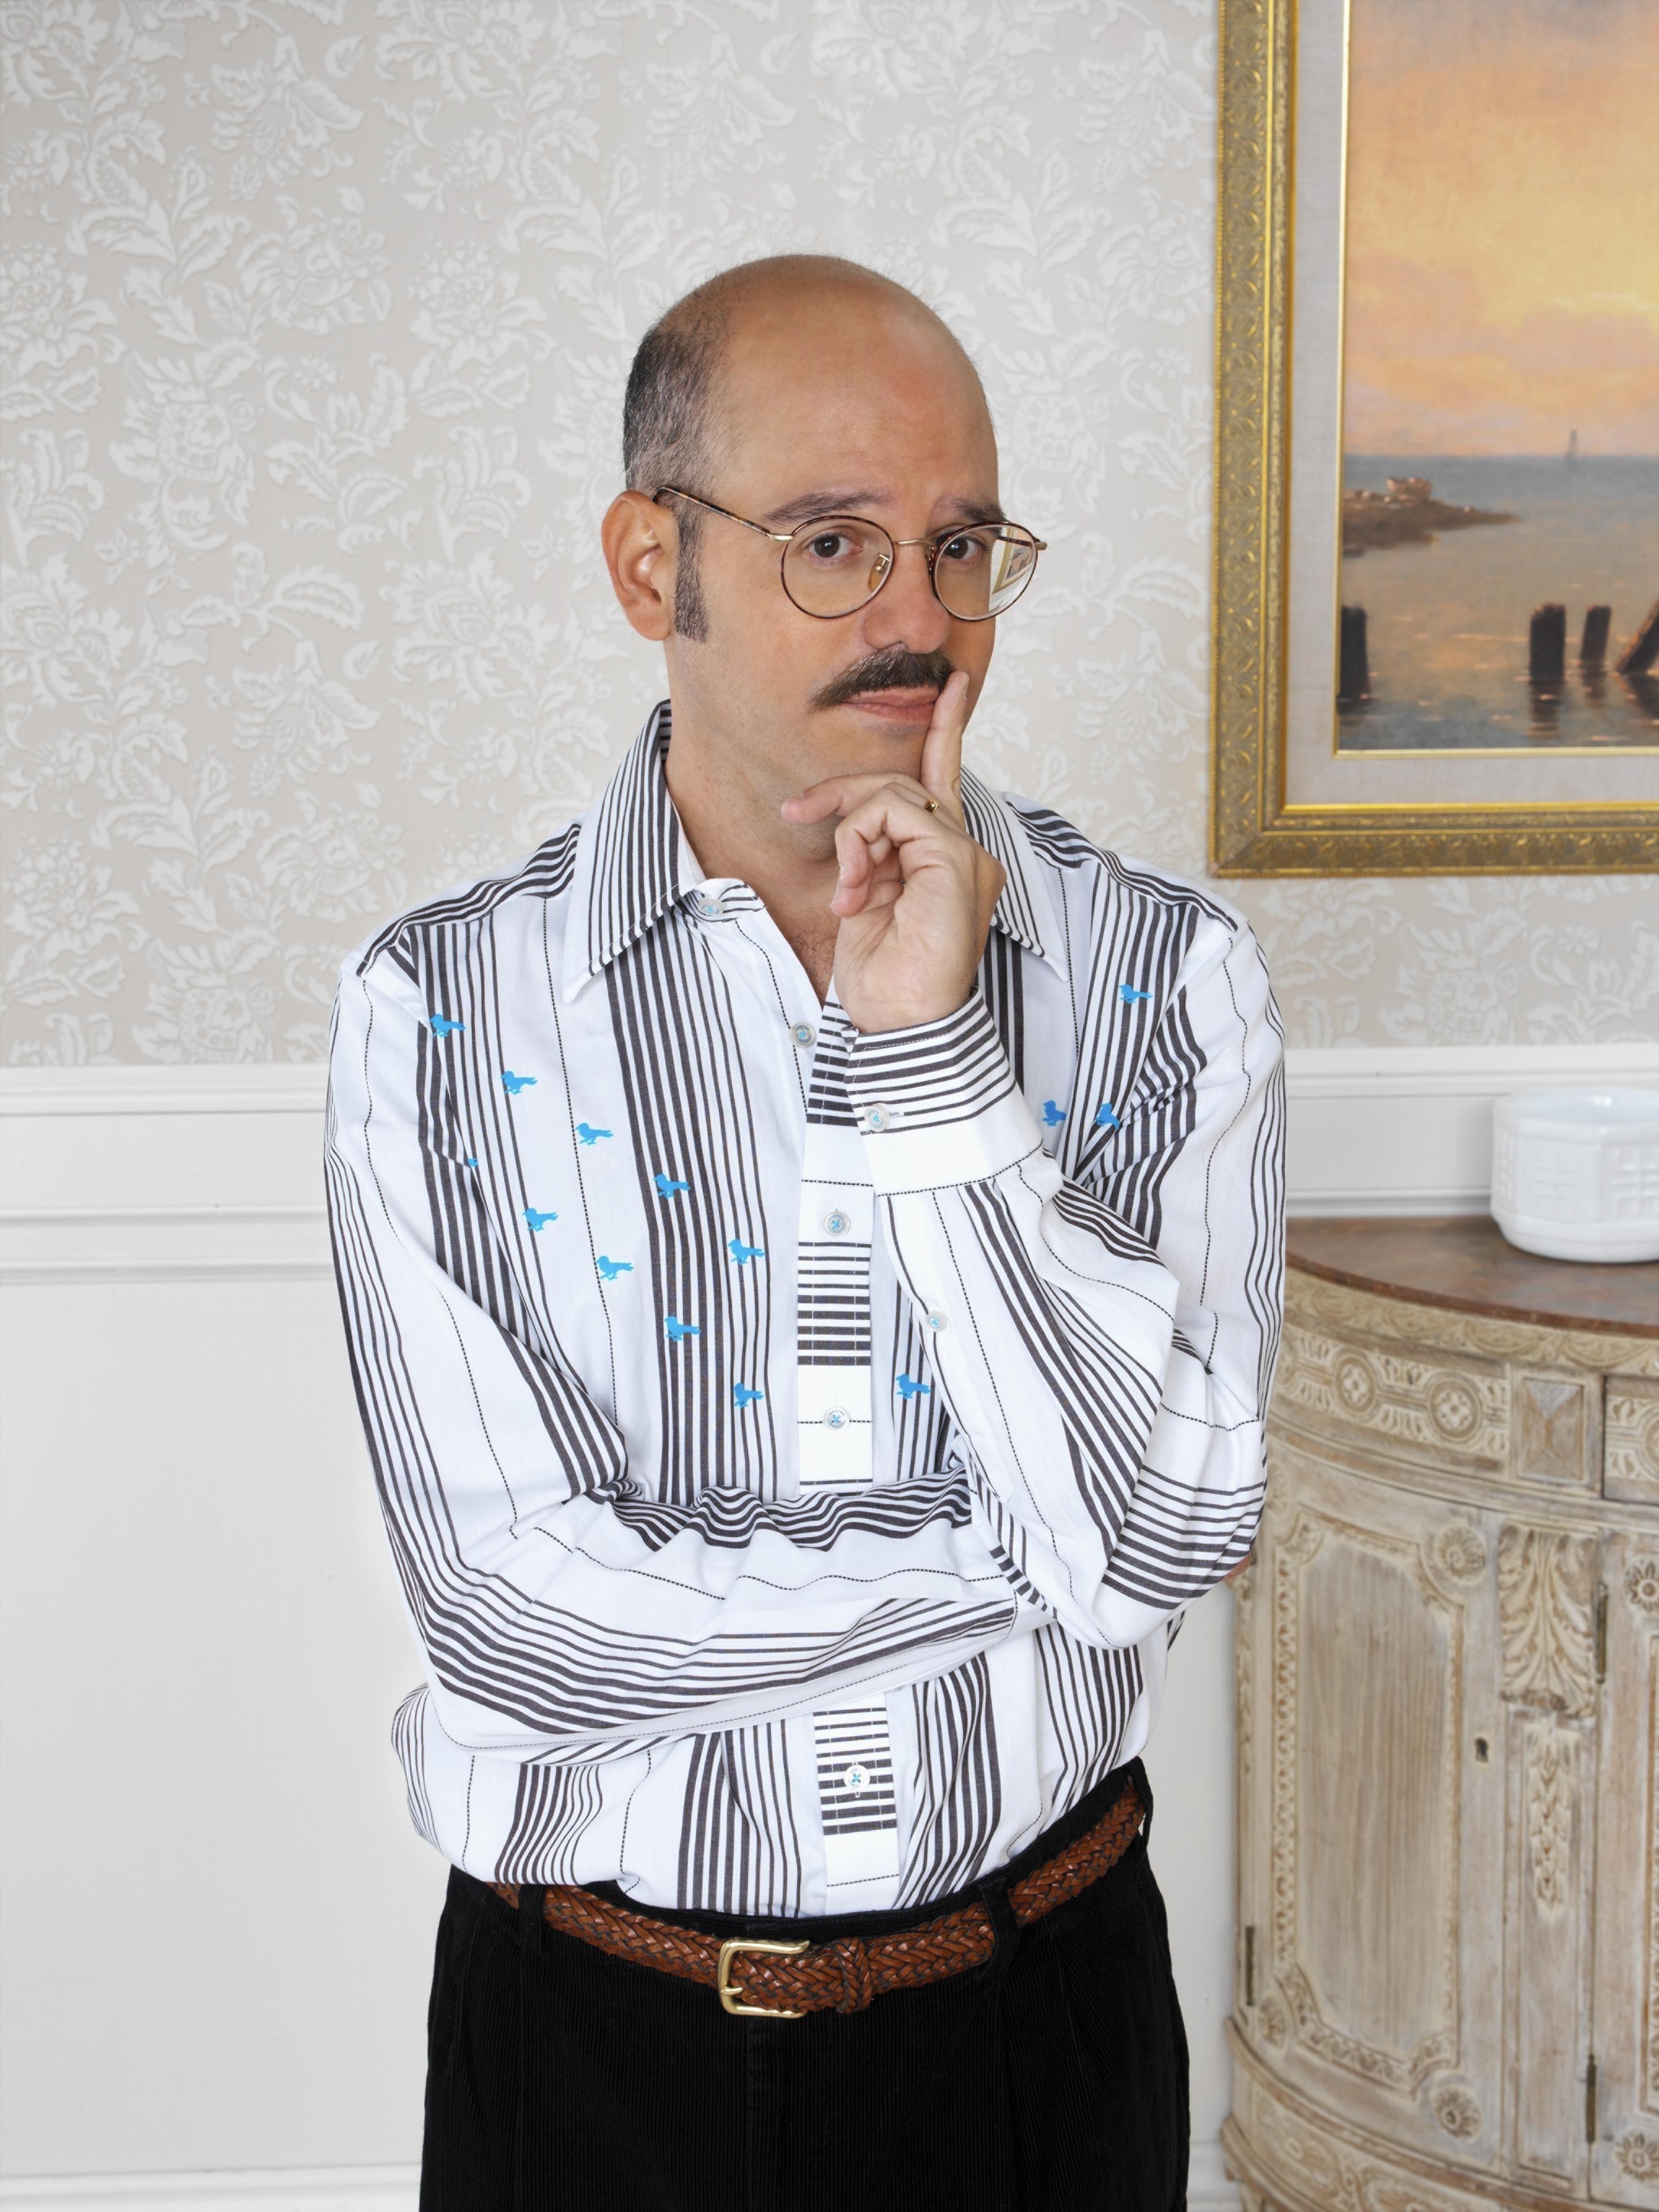 Tobias Fünke   Arrested Development Wiki   FANDOM powered by Wikia